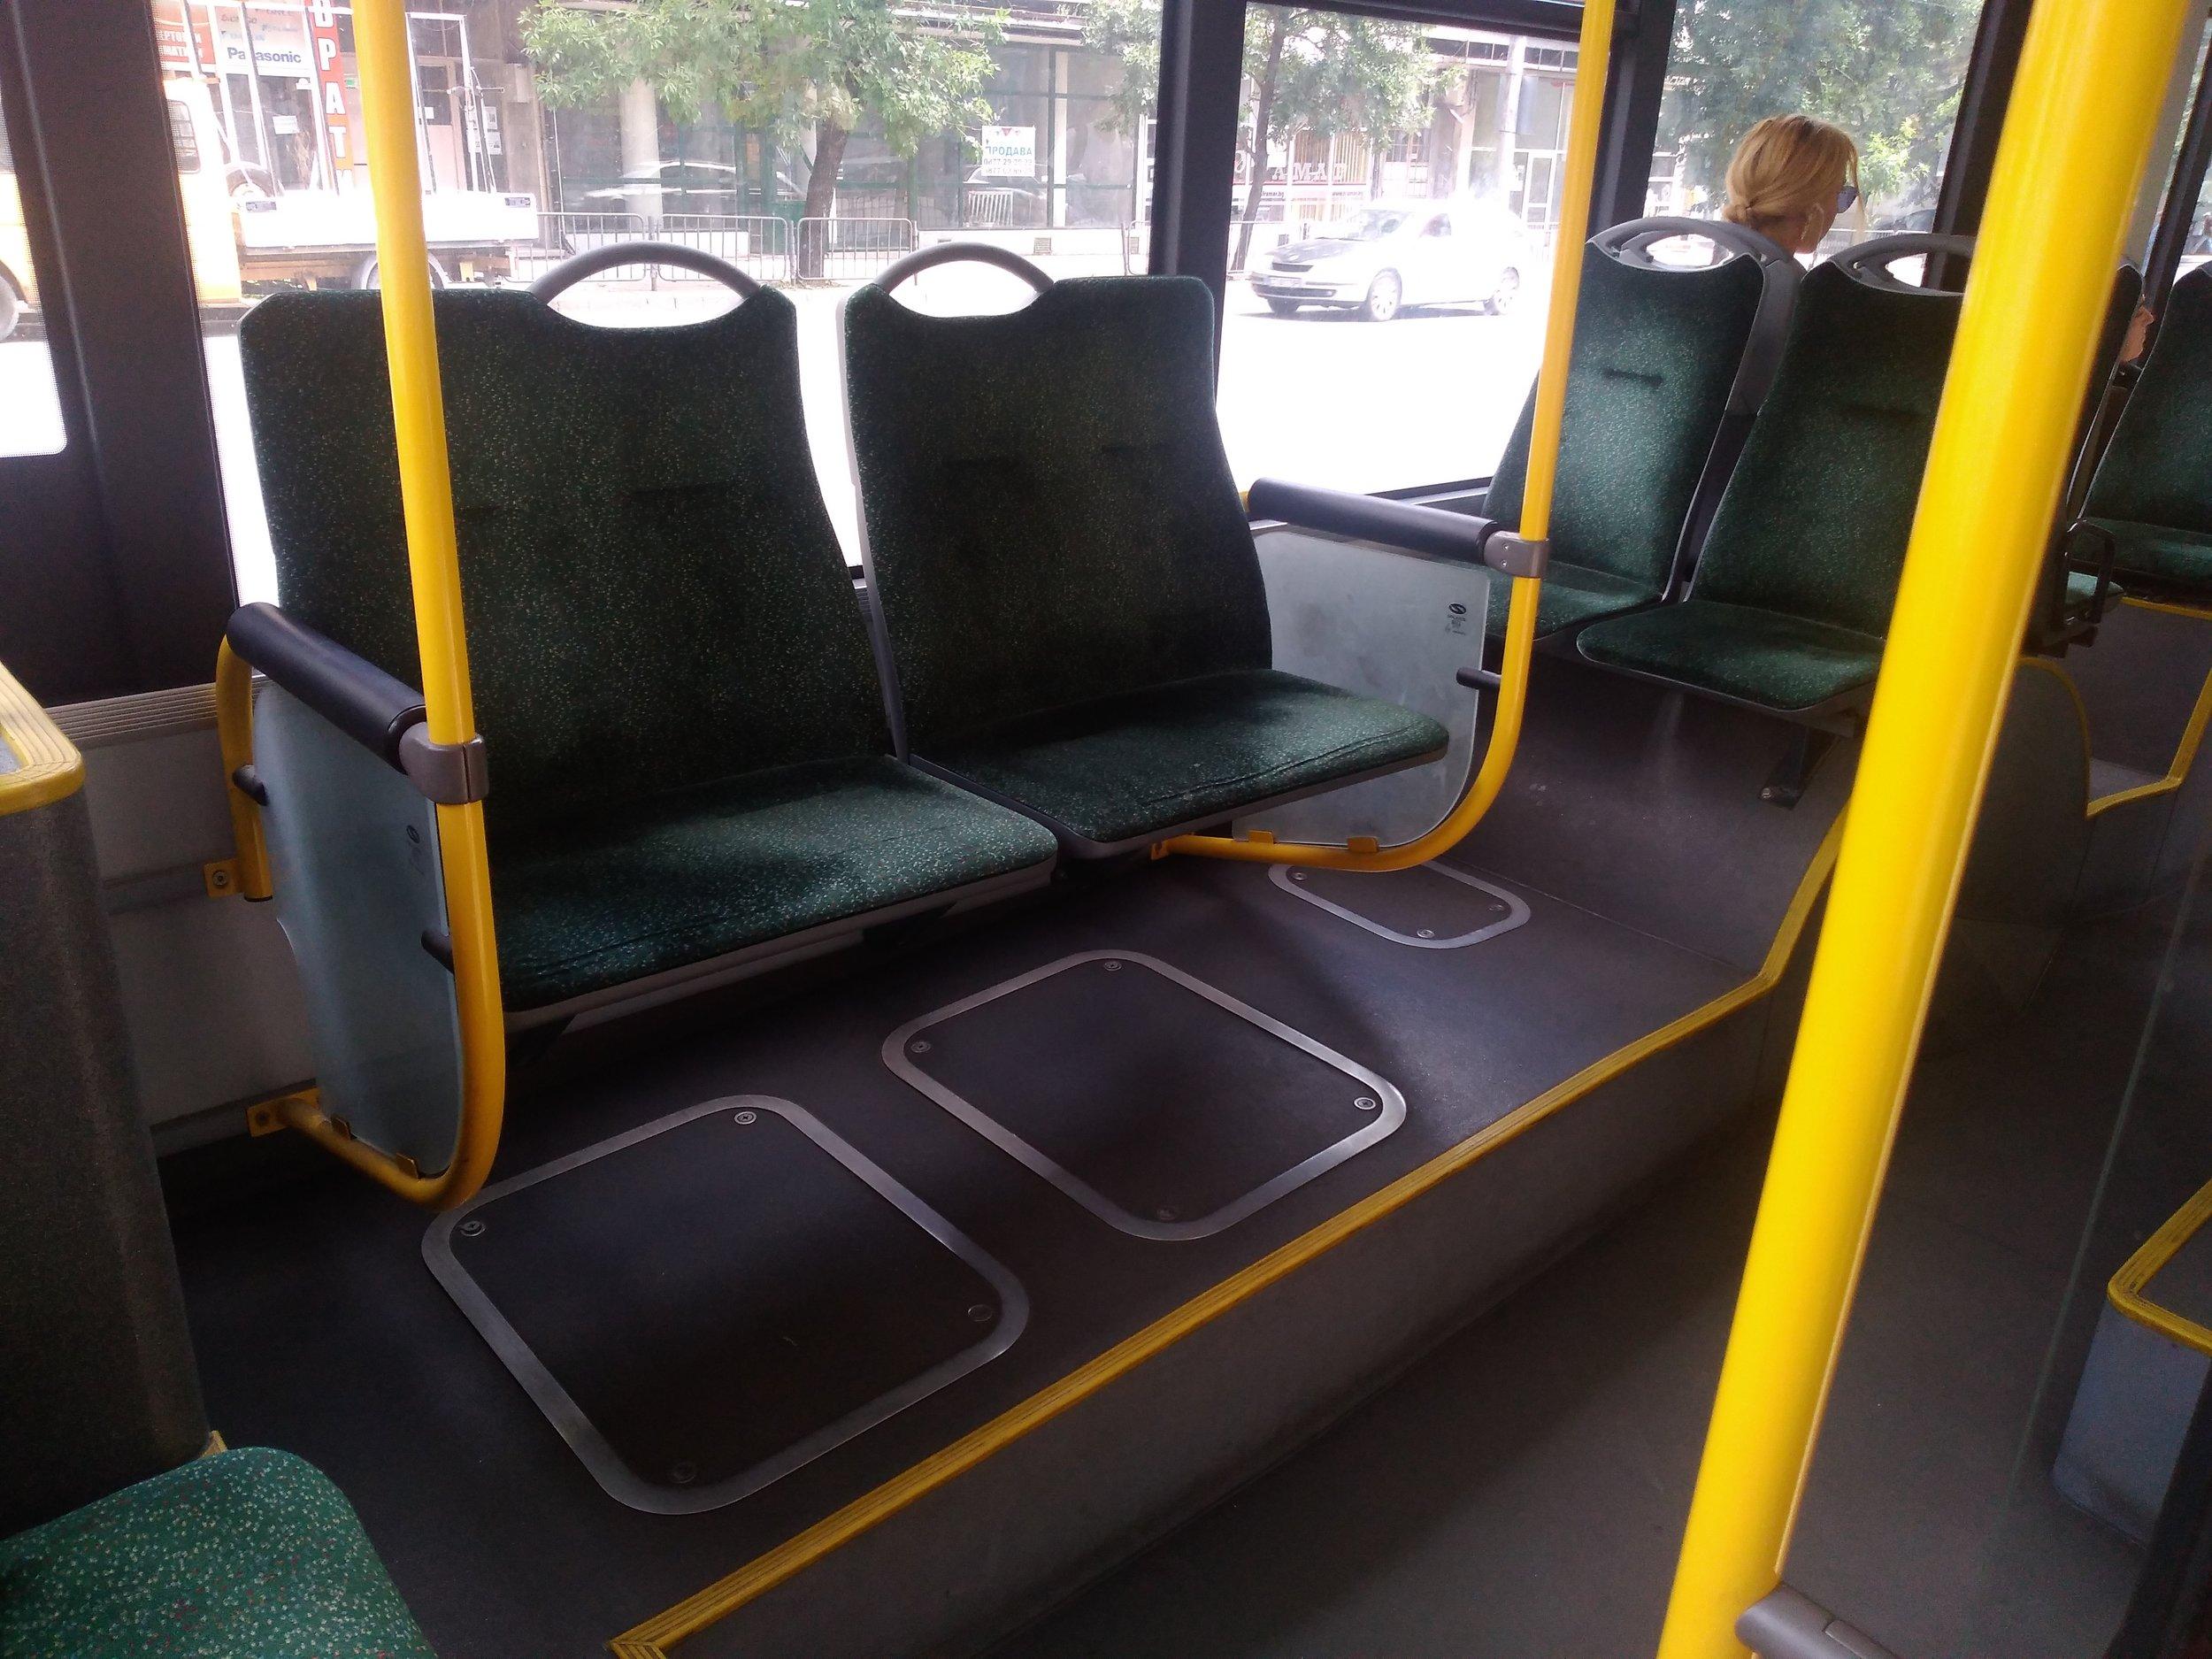 """Kdo umístění těchto dvou """"pryčen"""" vymyslel, není známo, pro jednoho člověka jsou příliš velké, pro dva dospělé lidi nedostatečné, nicméně jsou aspoň pohodlné. Jedno a půl sedadla jsou umístěná v bulharských vozech Škoda/Solaris i nad předním pravým kolem, a to jak ve směru jízdy, tak proti směru, přičemž jedno a půl sedadlo ve směru jízdy (tj. první u předních dveří) zabírá téměř vždy průvodčí."""